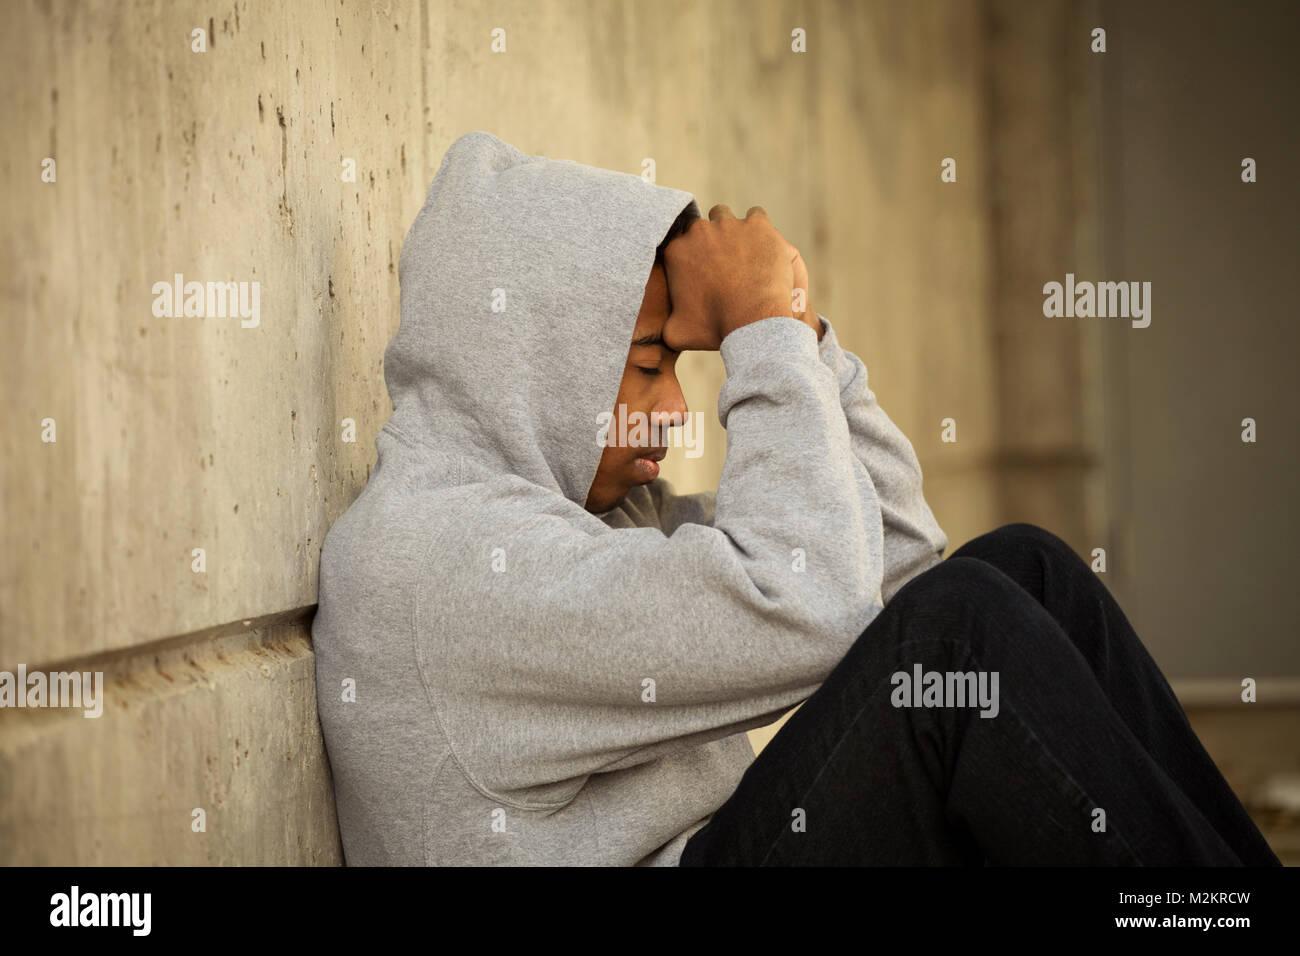 Les jeunes Afro-américains de dépression de l'adolescence. Photo Stock